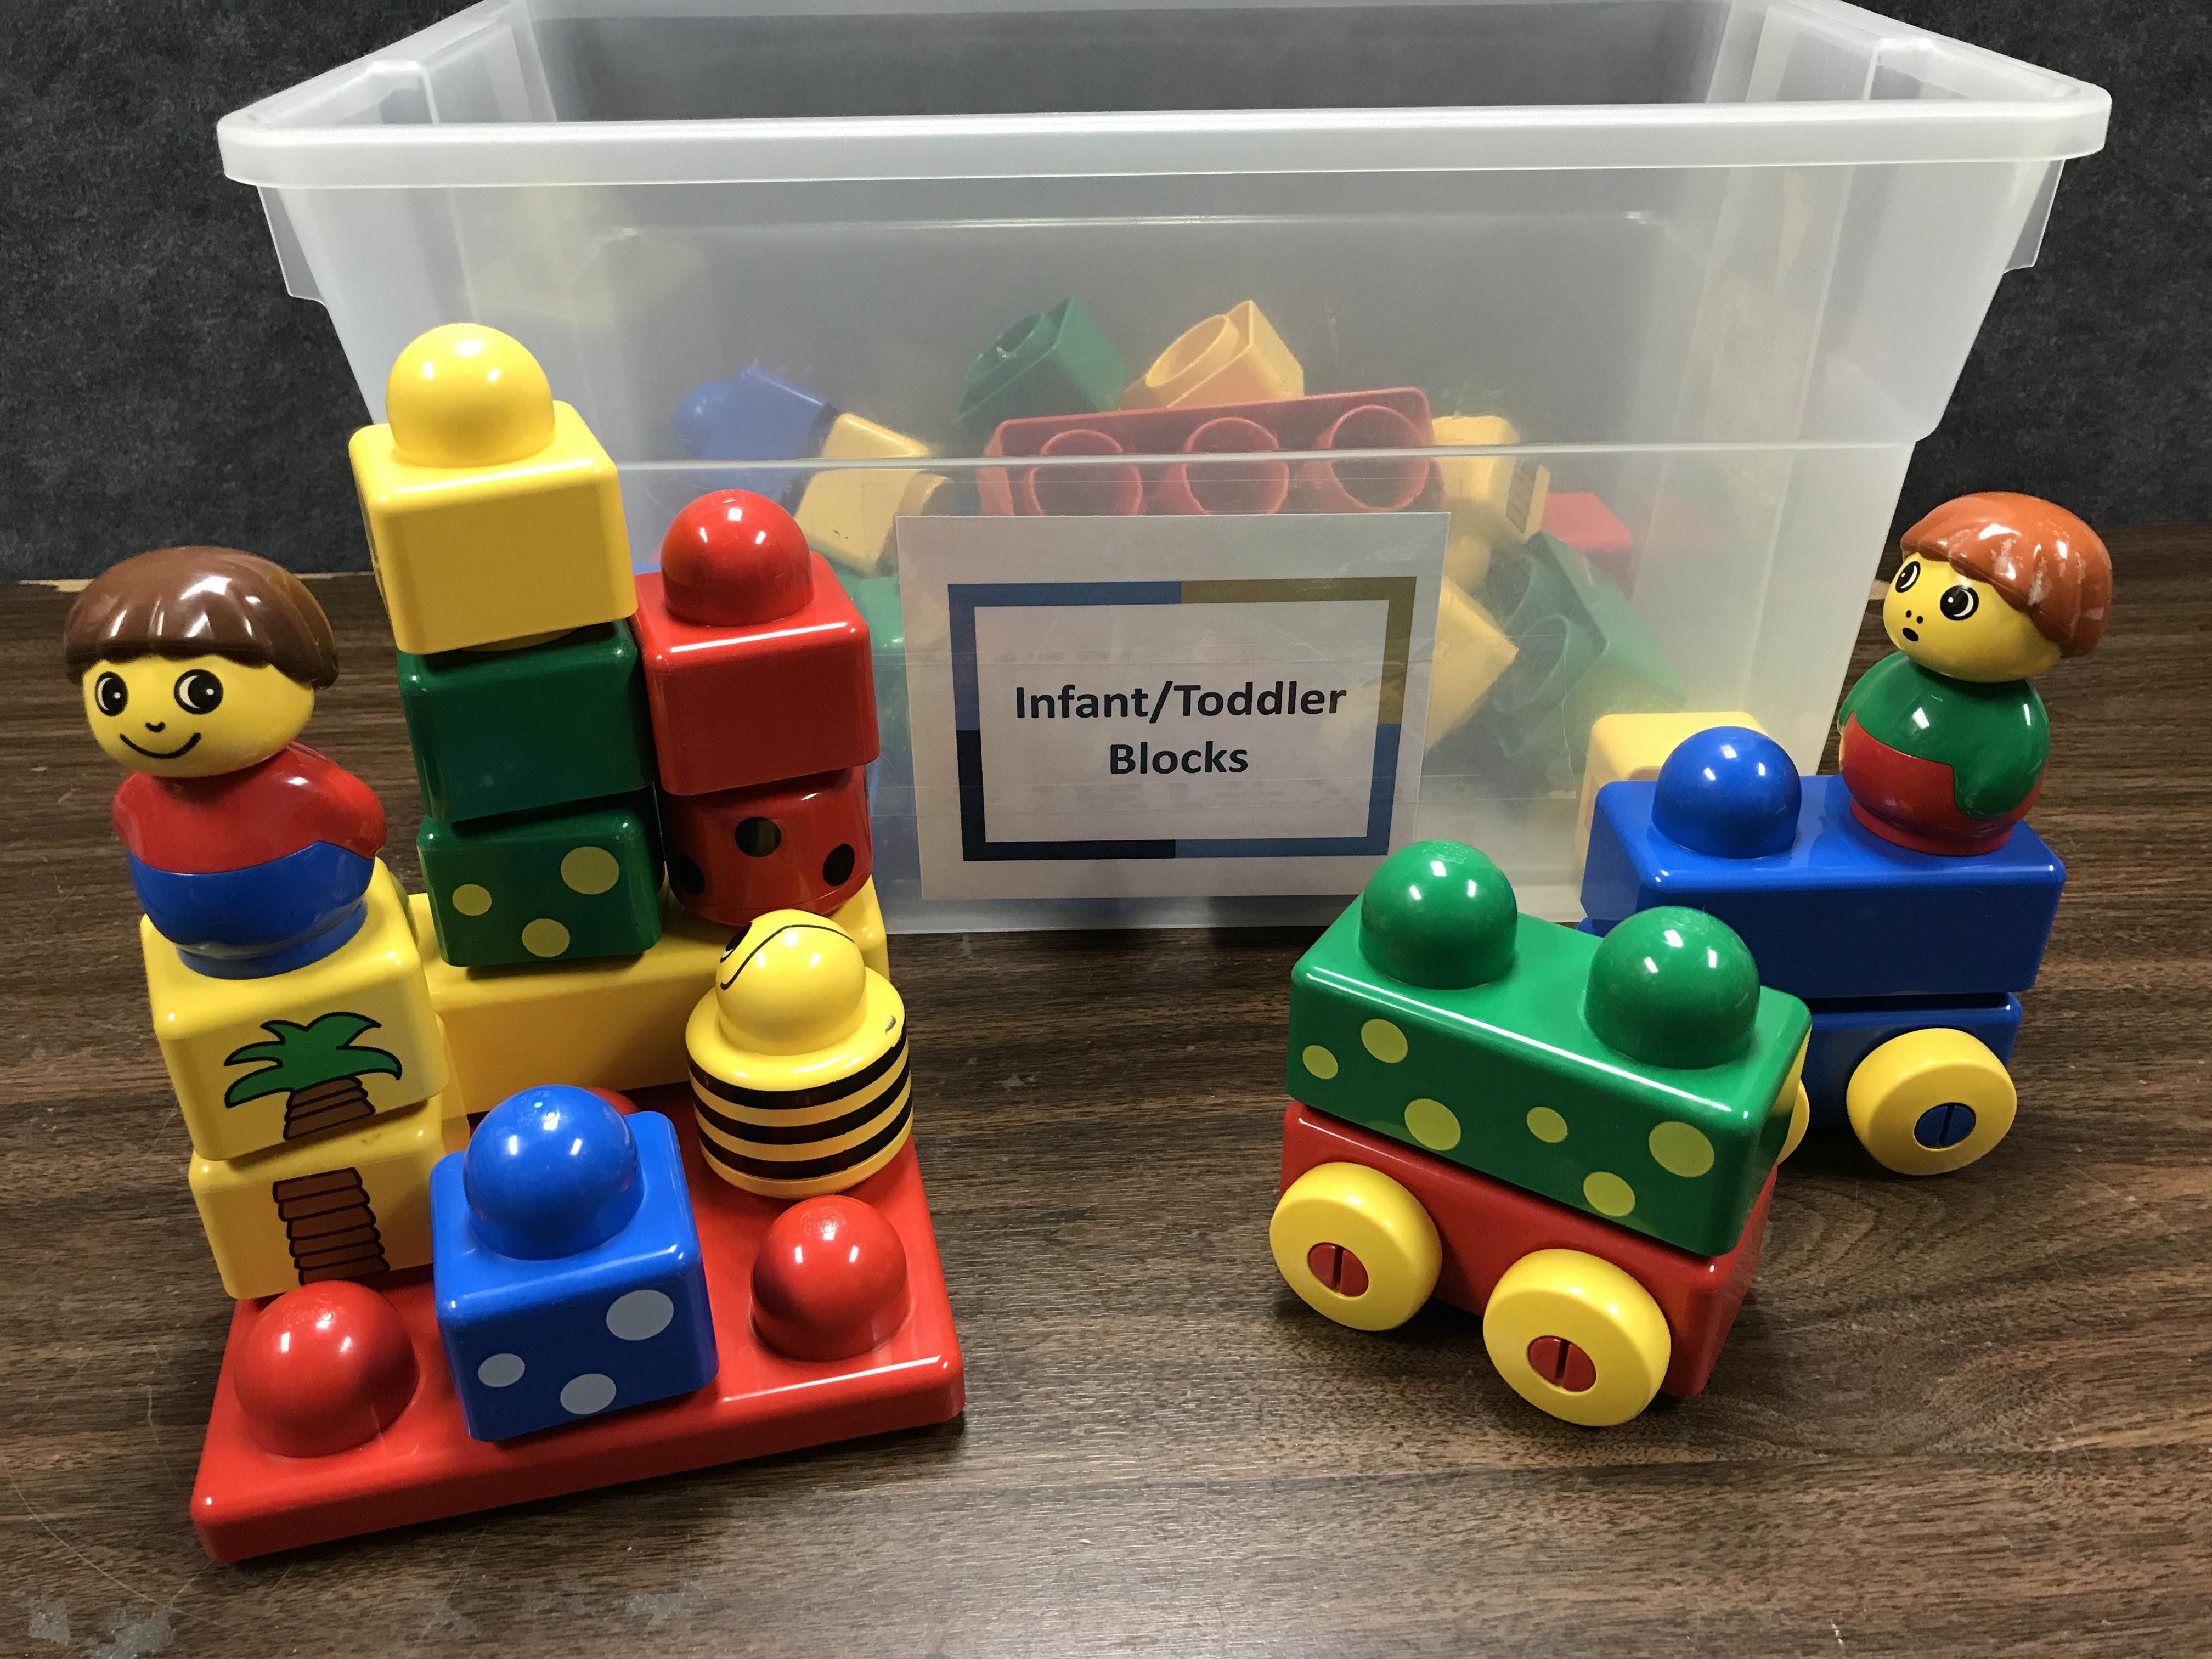 Infant/Toddler Blocks